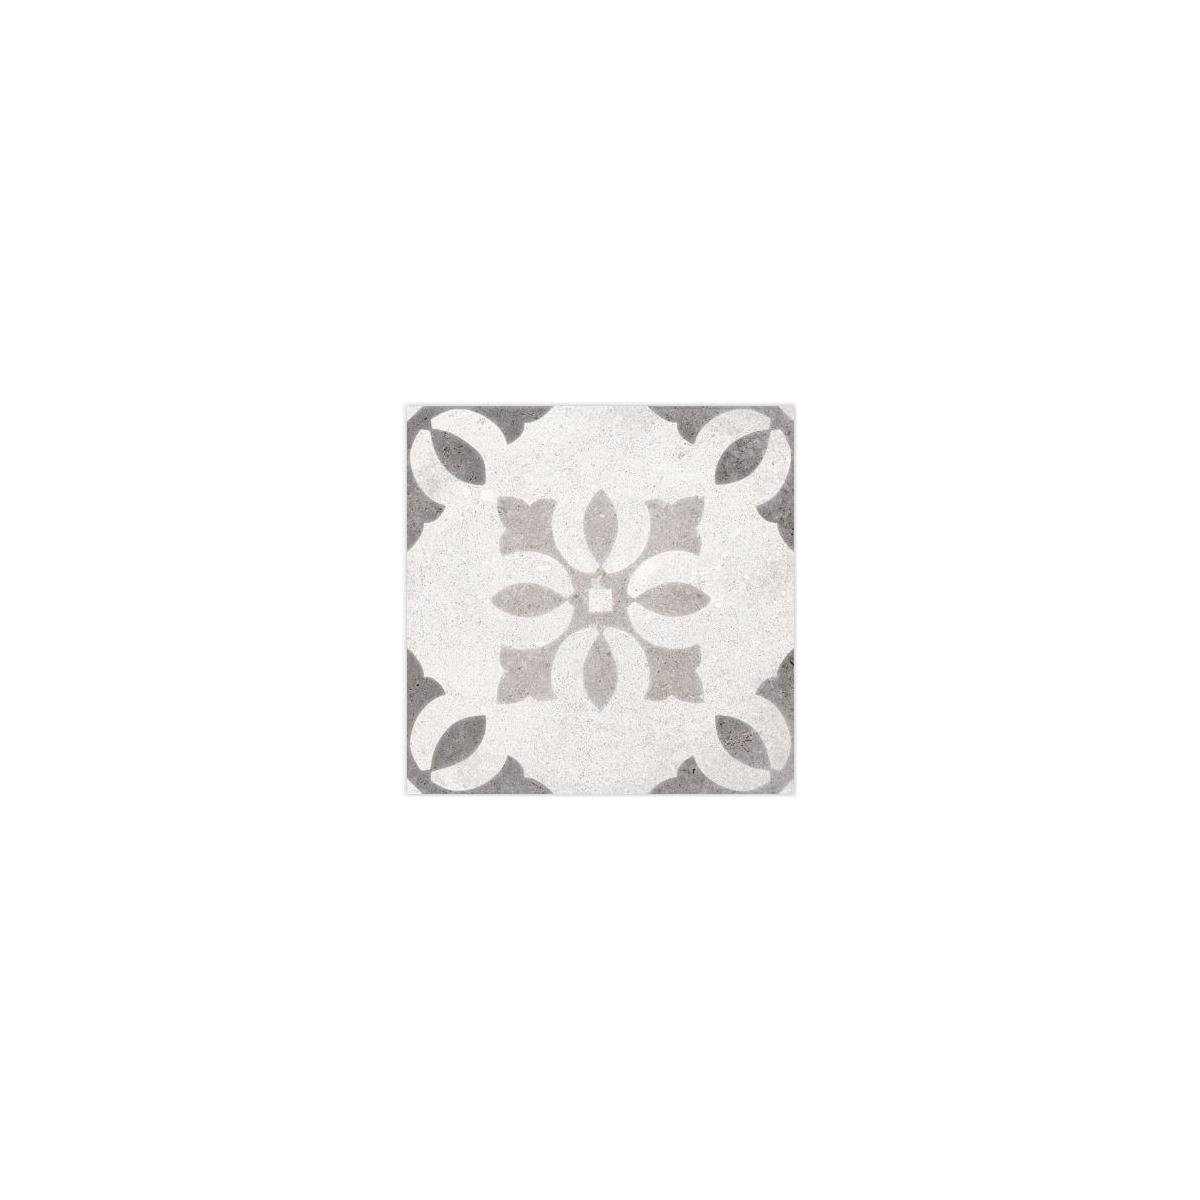 Pukao Blanco 20x20 (m2) - Pavimento imitación hidráulico interior y exterior